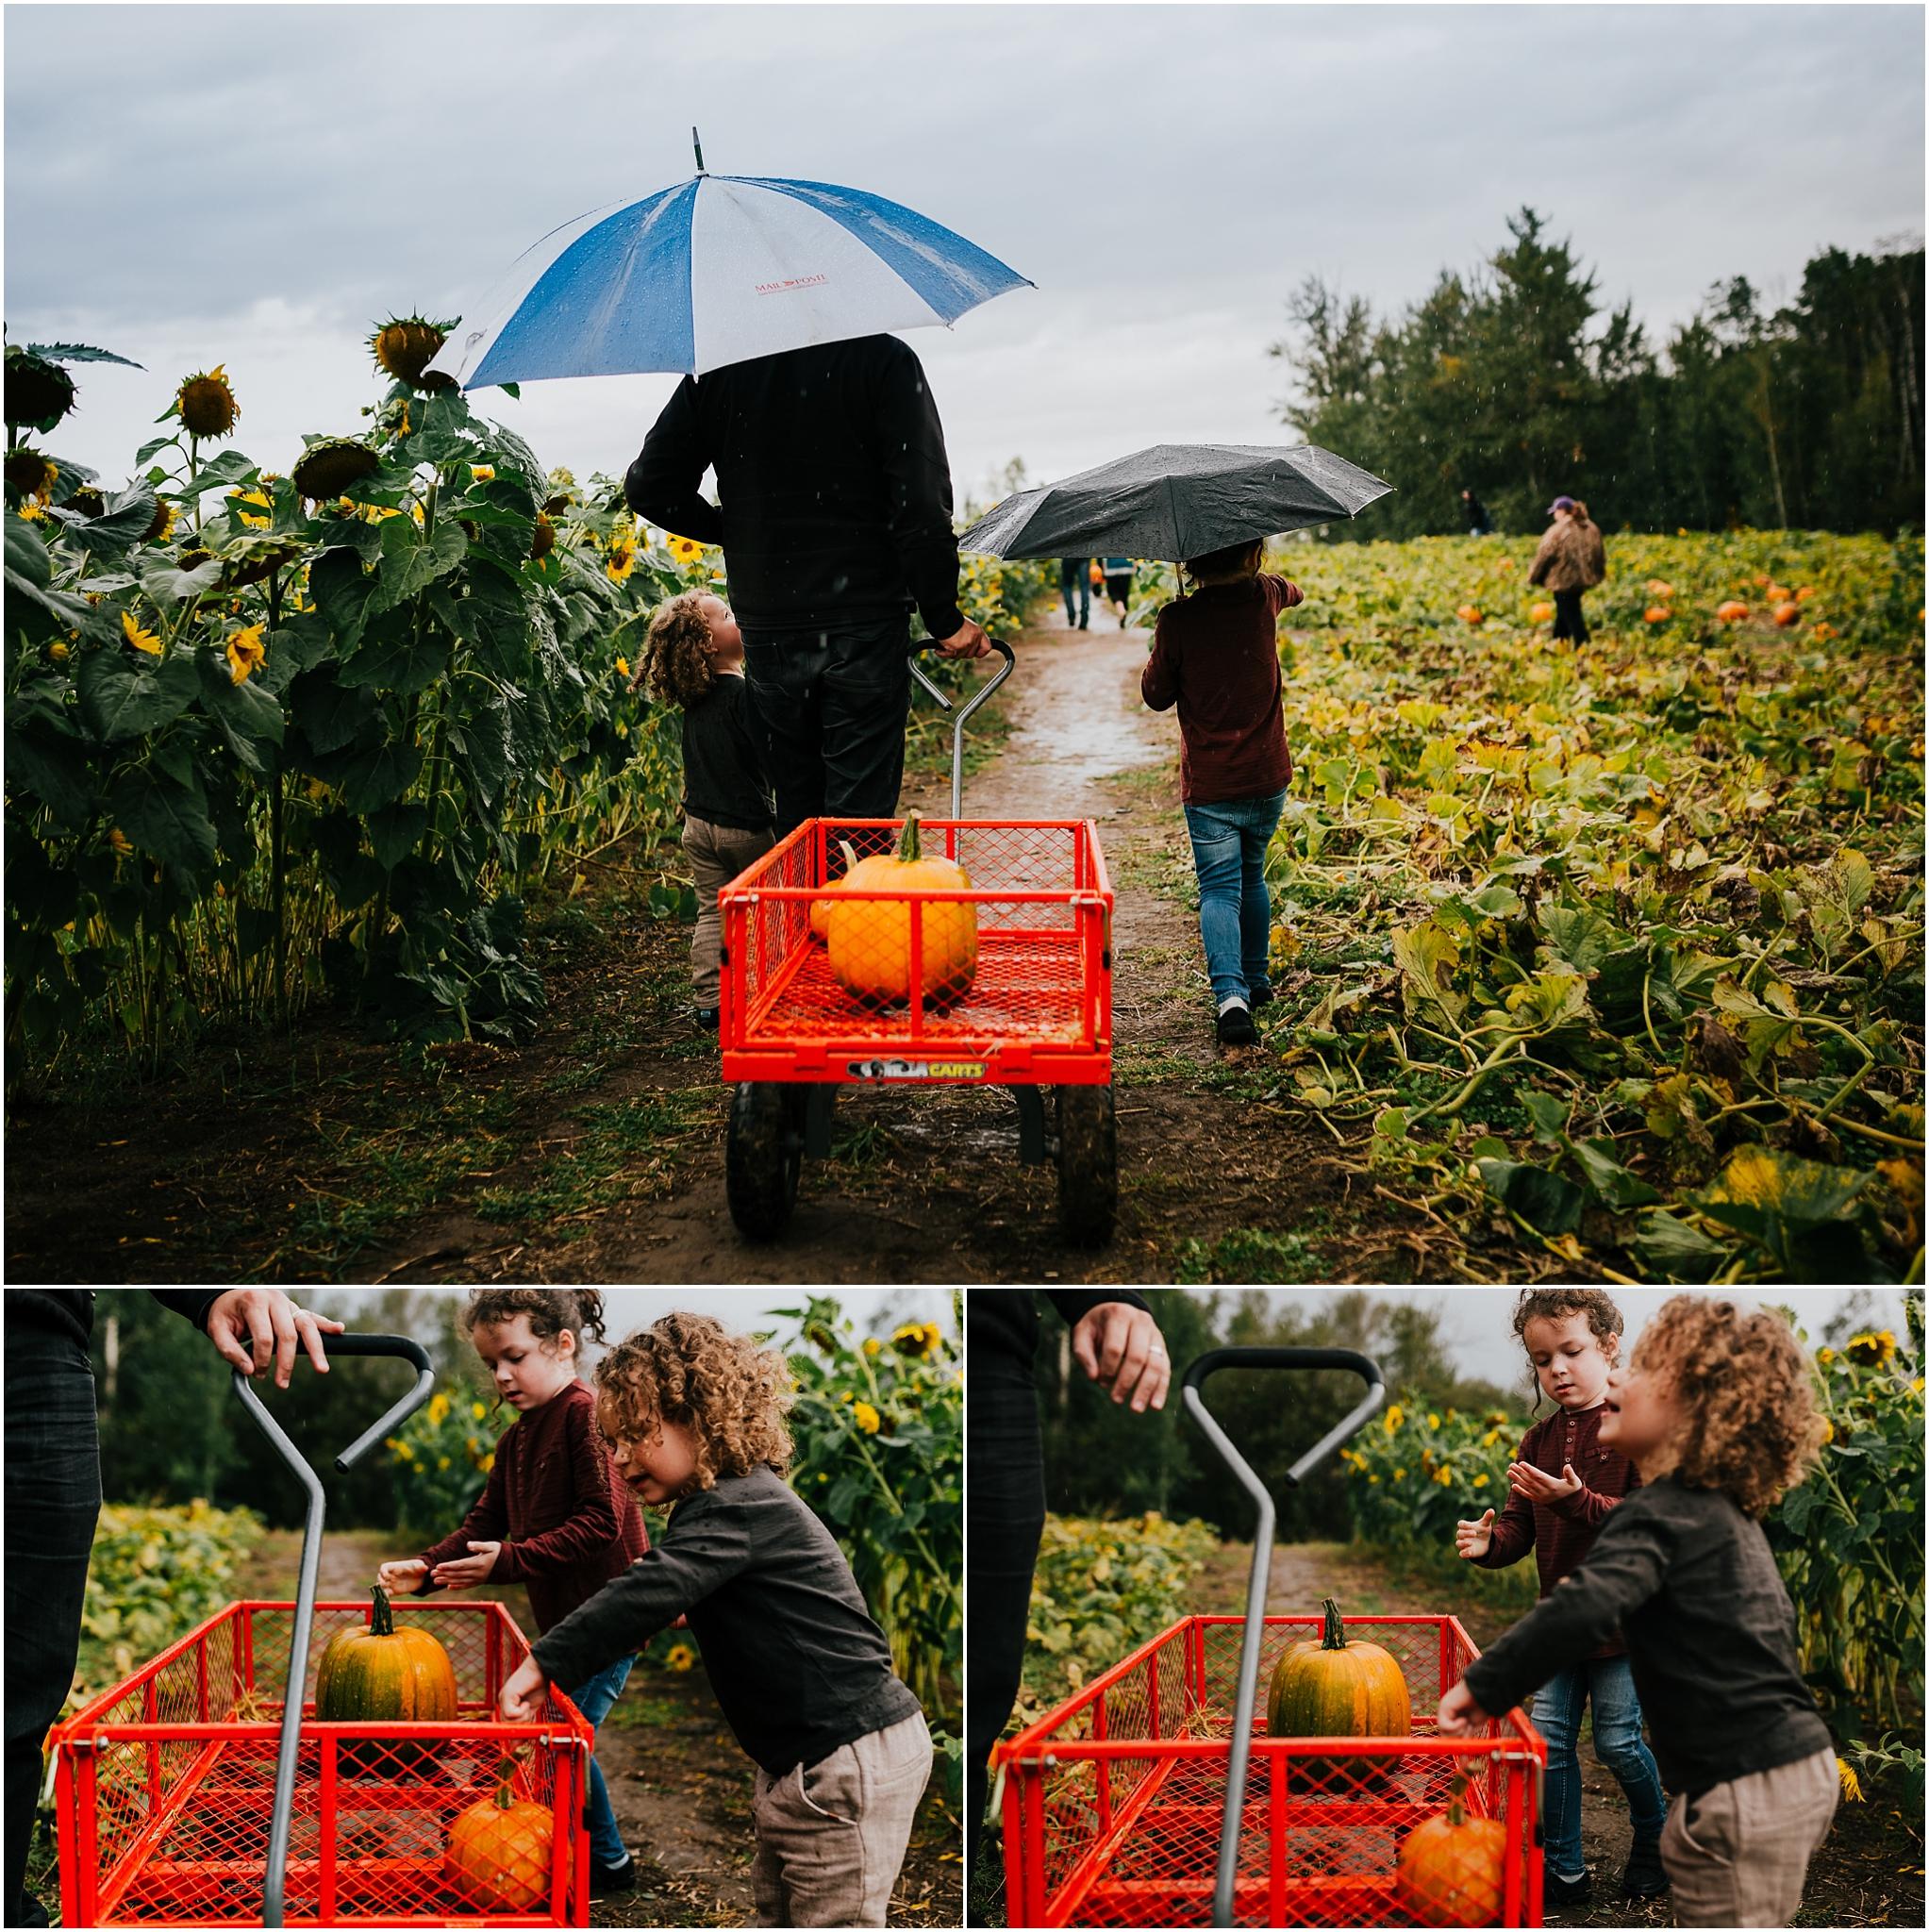 Edmonton Lifestyle Photographer - Edmonton Pumpkin Picking - Somerset Farms